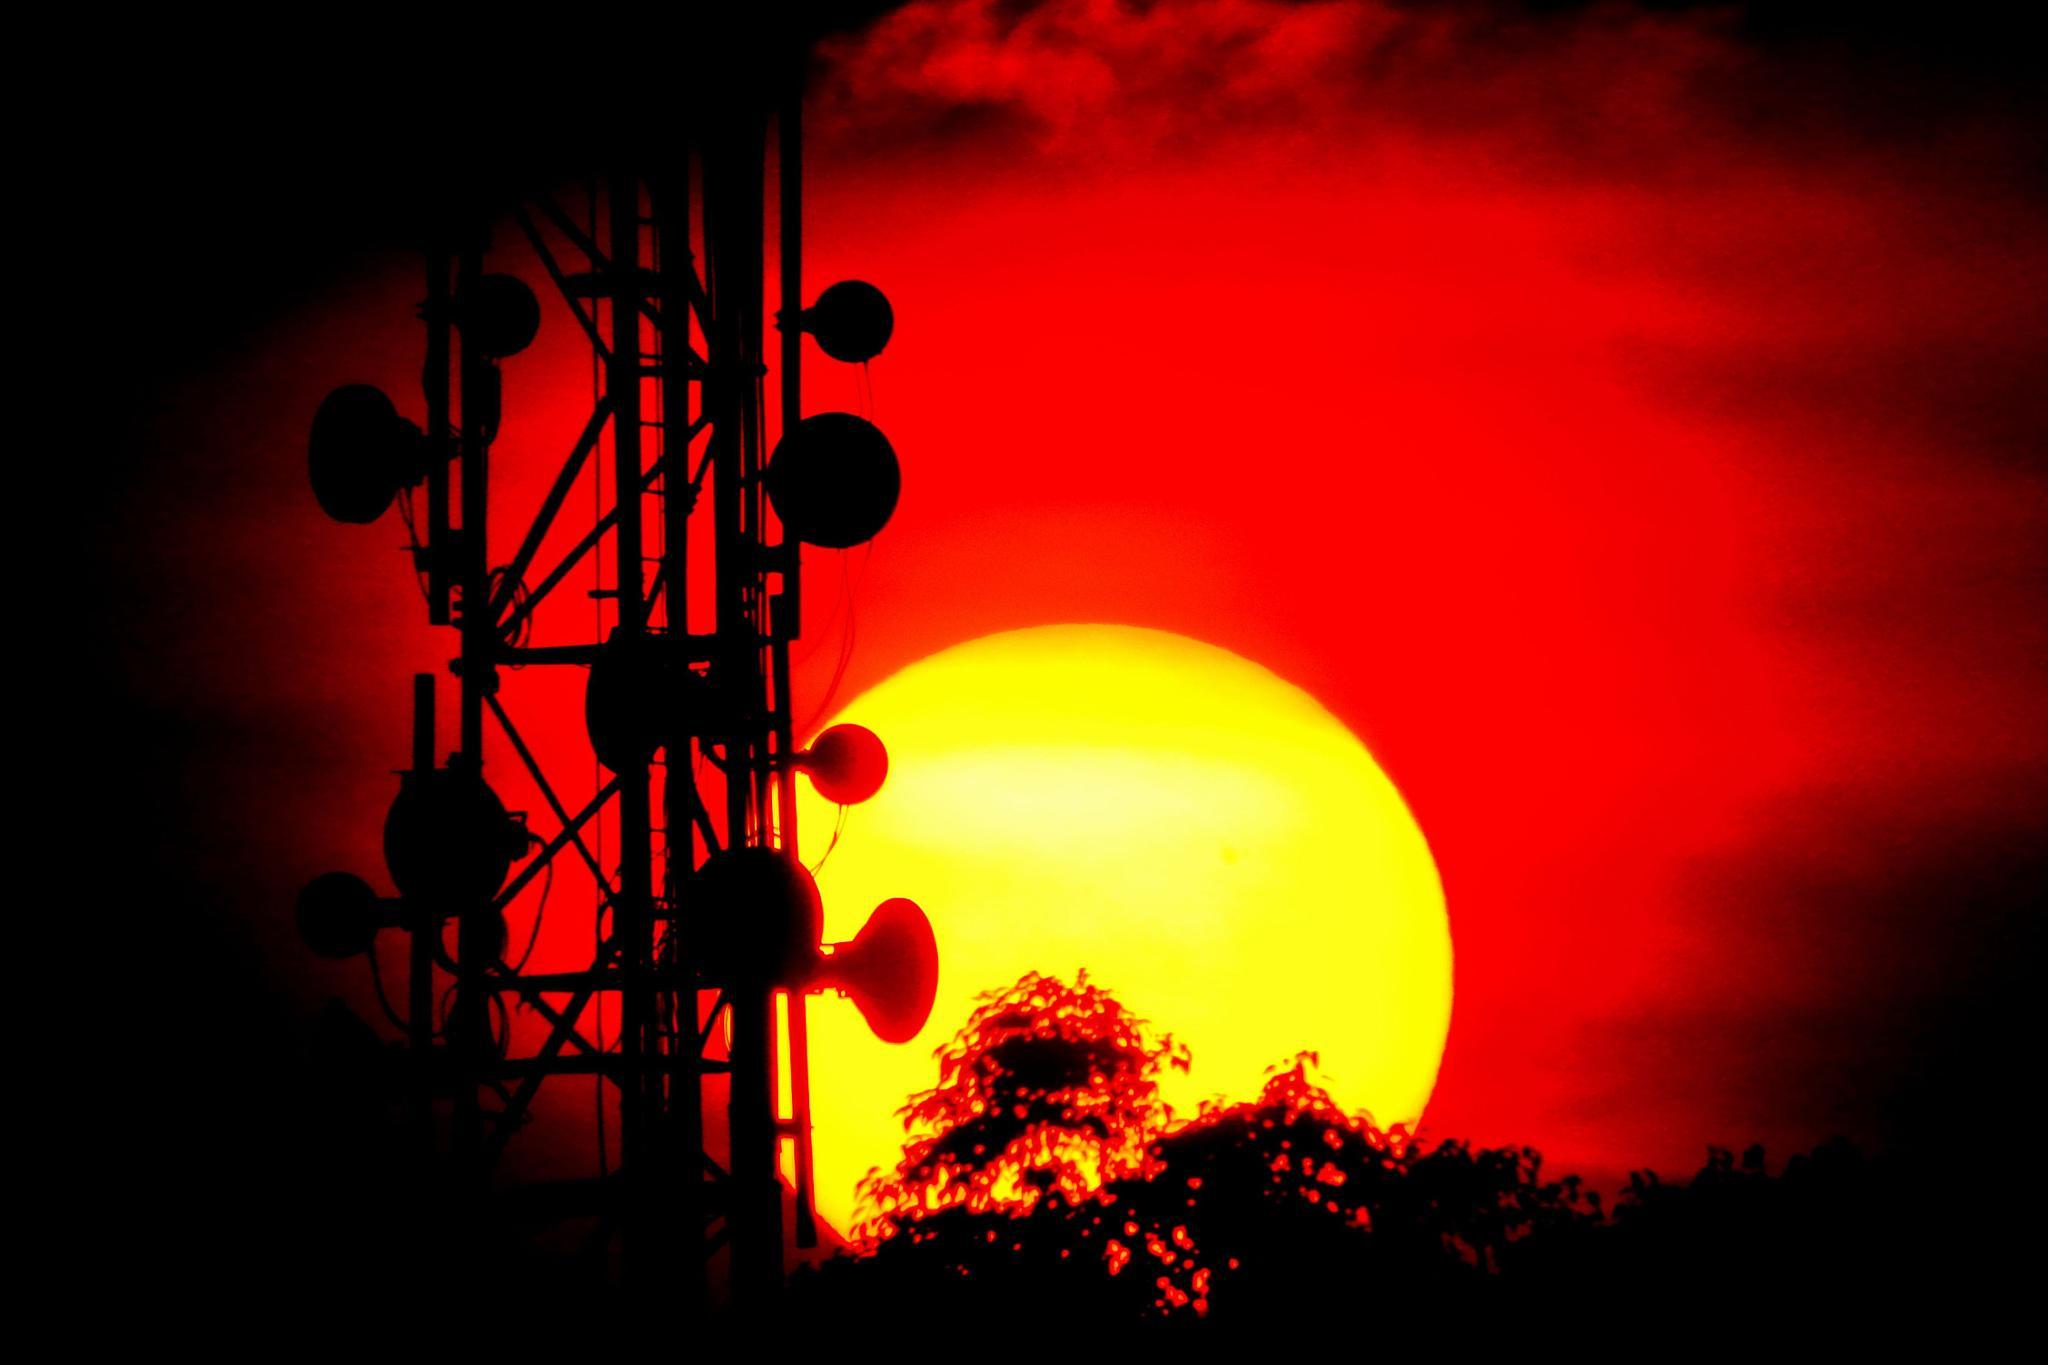 Sunset by budishalim1